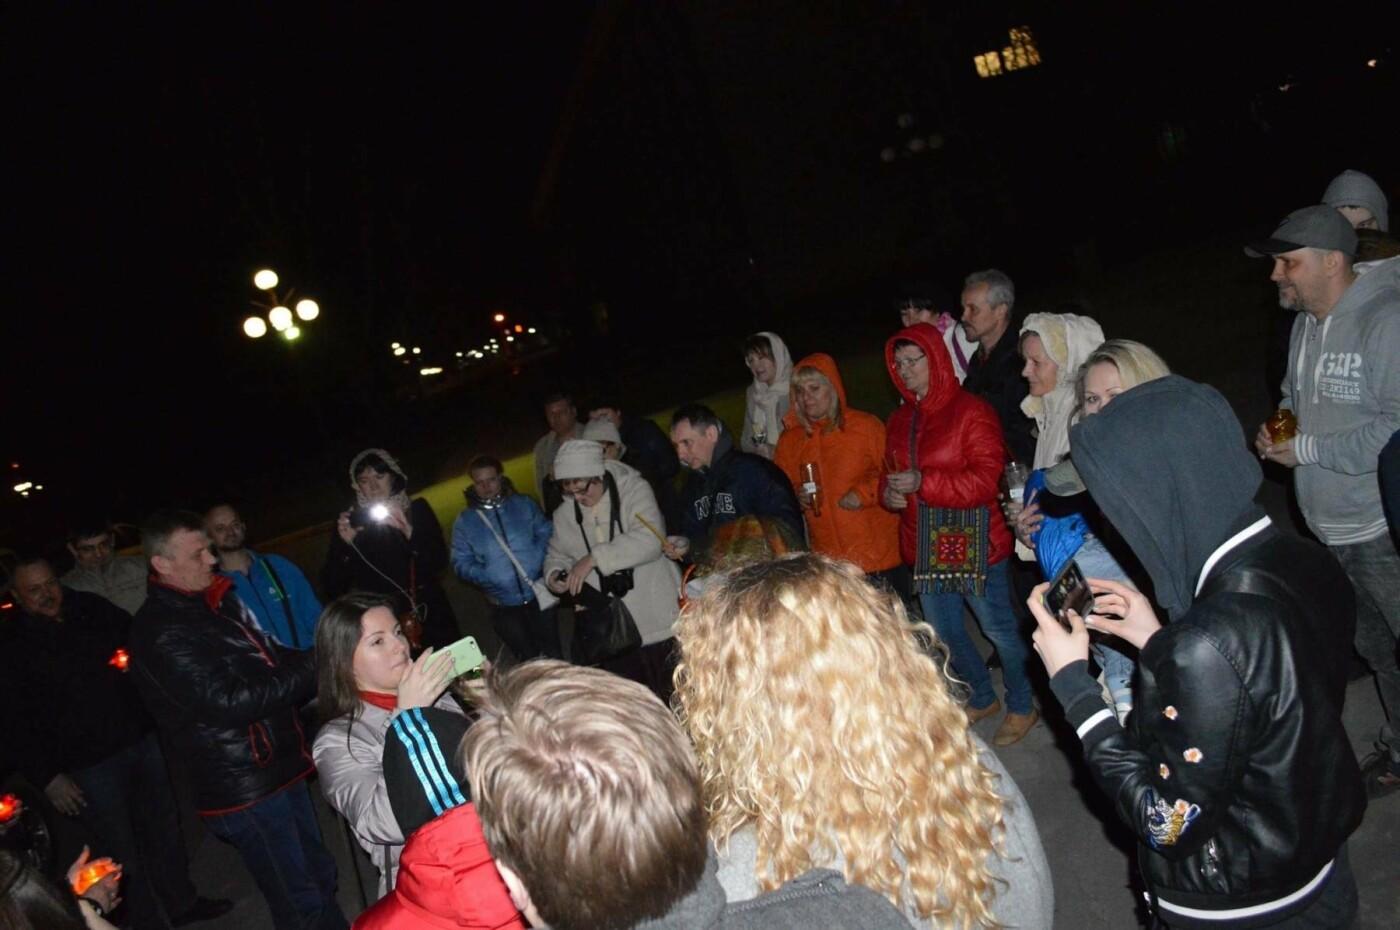 """Накануне Пасхи бойцы """"Кривбасса"""" и волонтер поделились с горожанами частичкой Благодатного Огня (ФОТО), фото-3"""